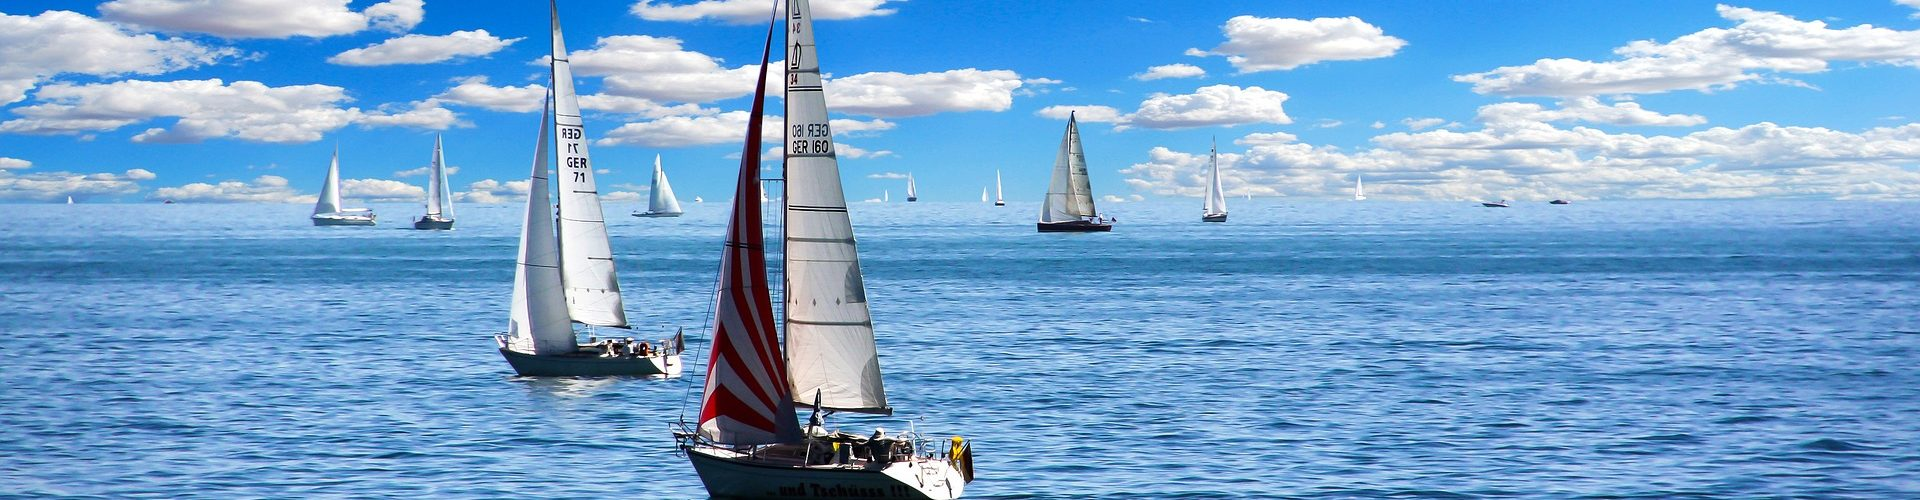 segeln lernen in Heyerode segelschein machen in Heyerode 1920x500 - Segeln lernen in Heyerode